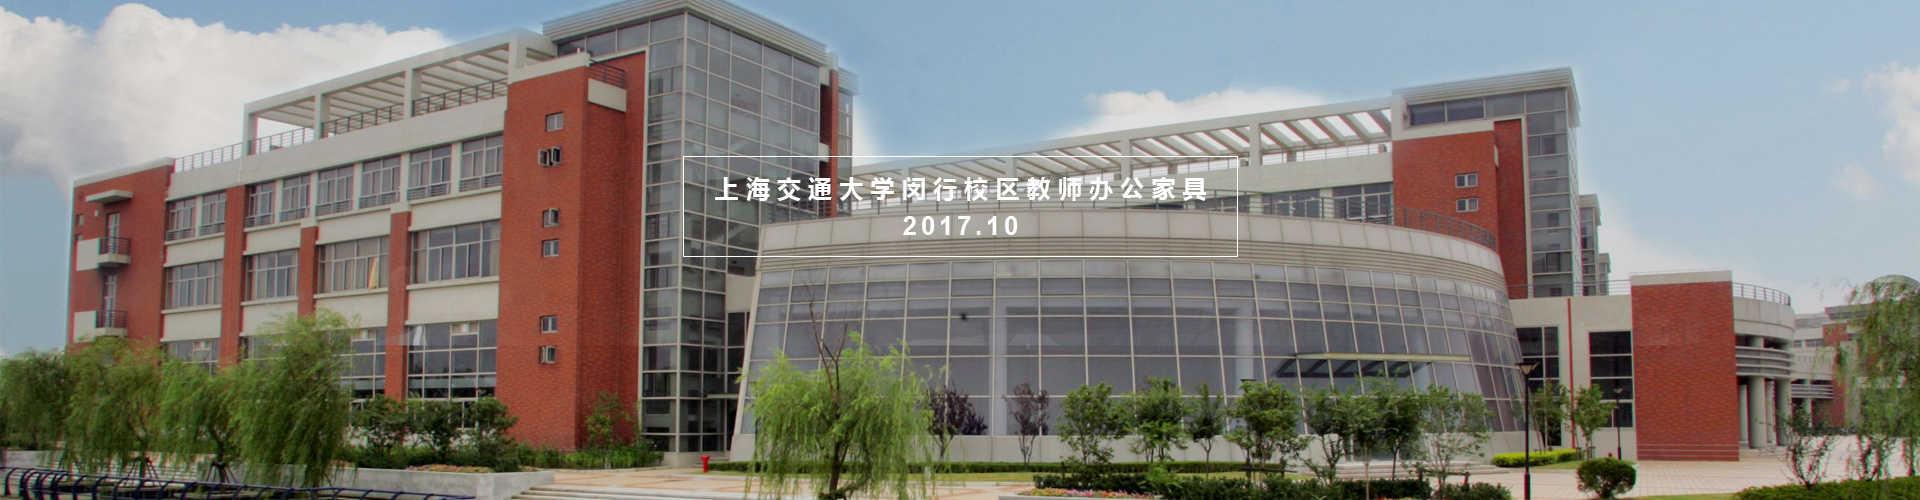 上海交通大学闵行校区教师办公家具